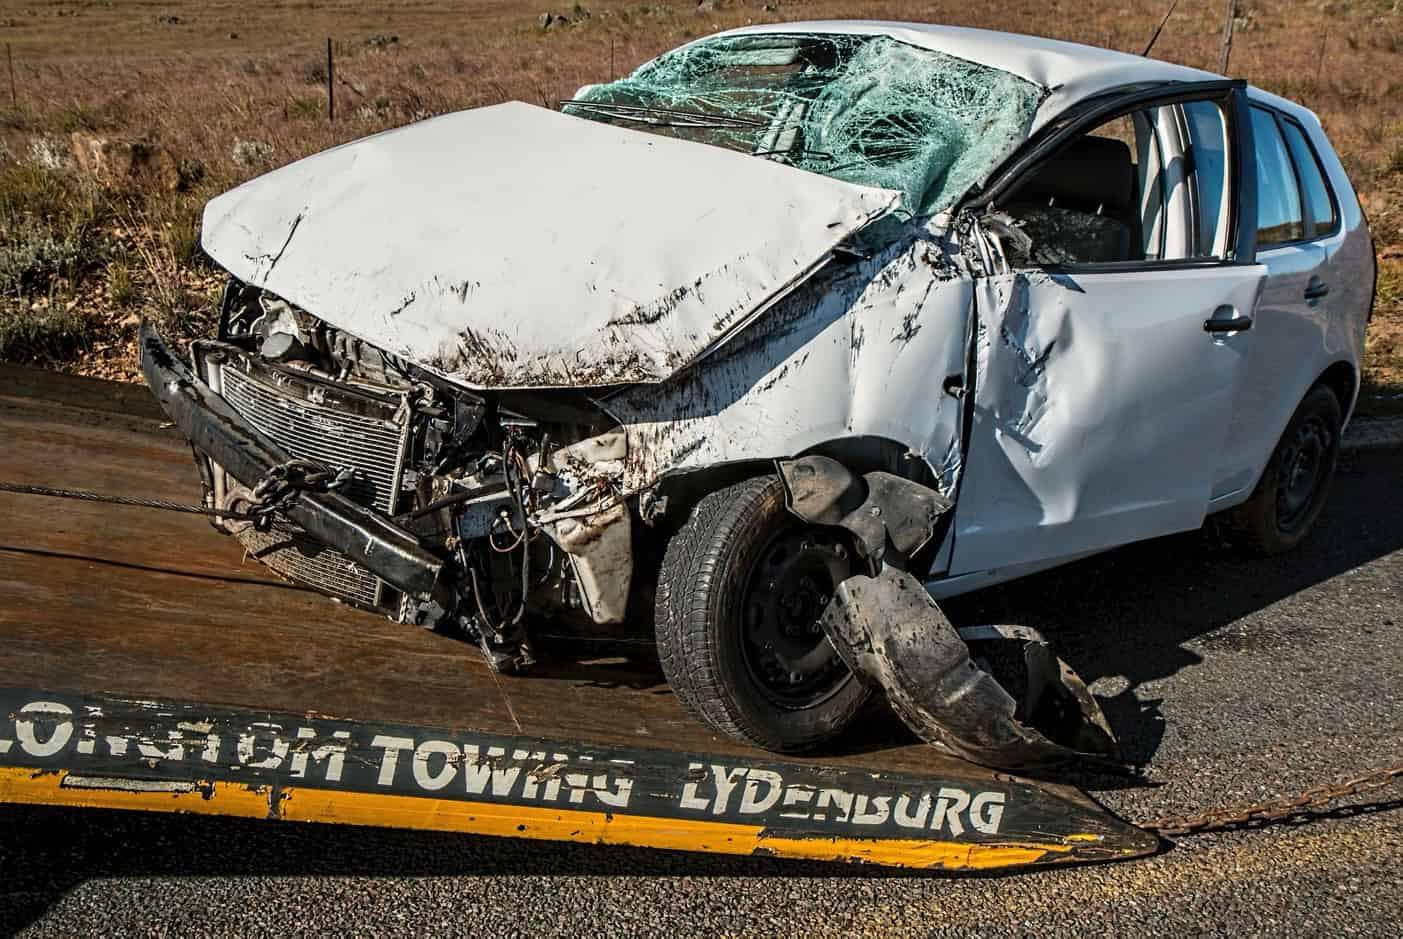 Guía completa sobre lesiones espinales de accidentes automovilísticos